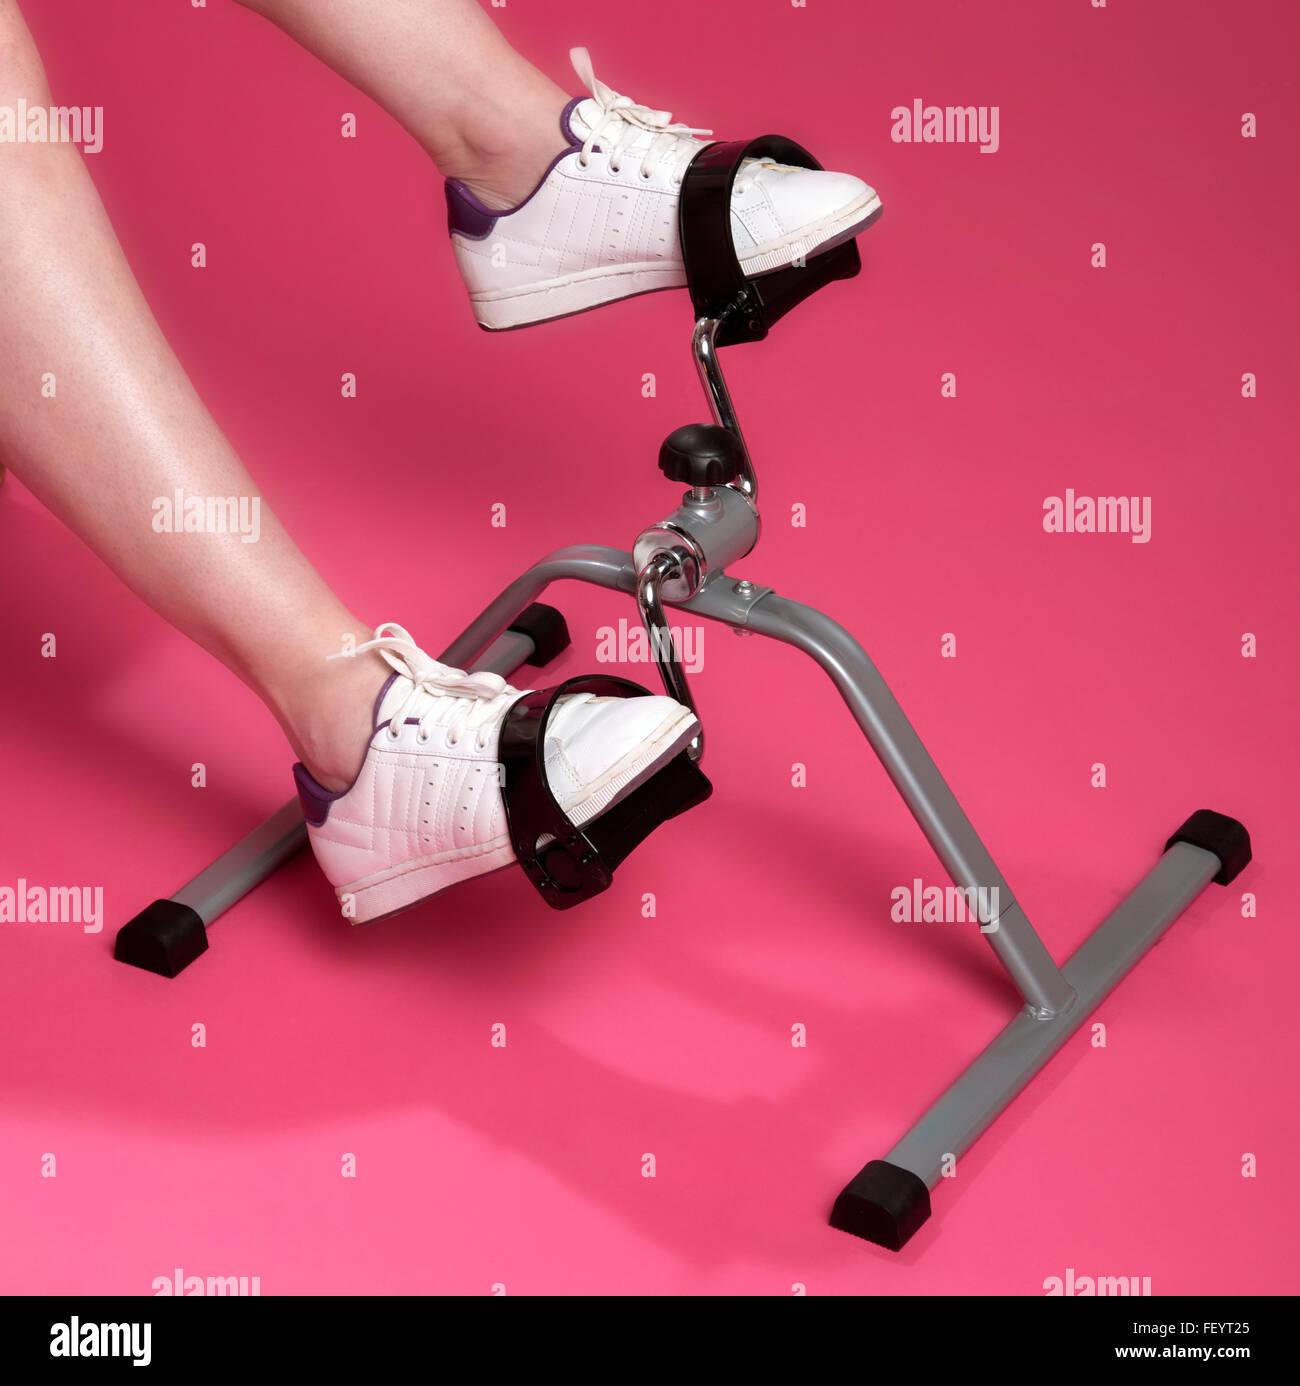 El ejercicio de pies y tobillos utilizando una máquina de ejercicio vistiendo instructores Imagen De Stock